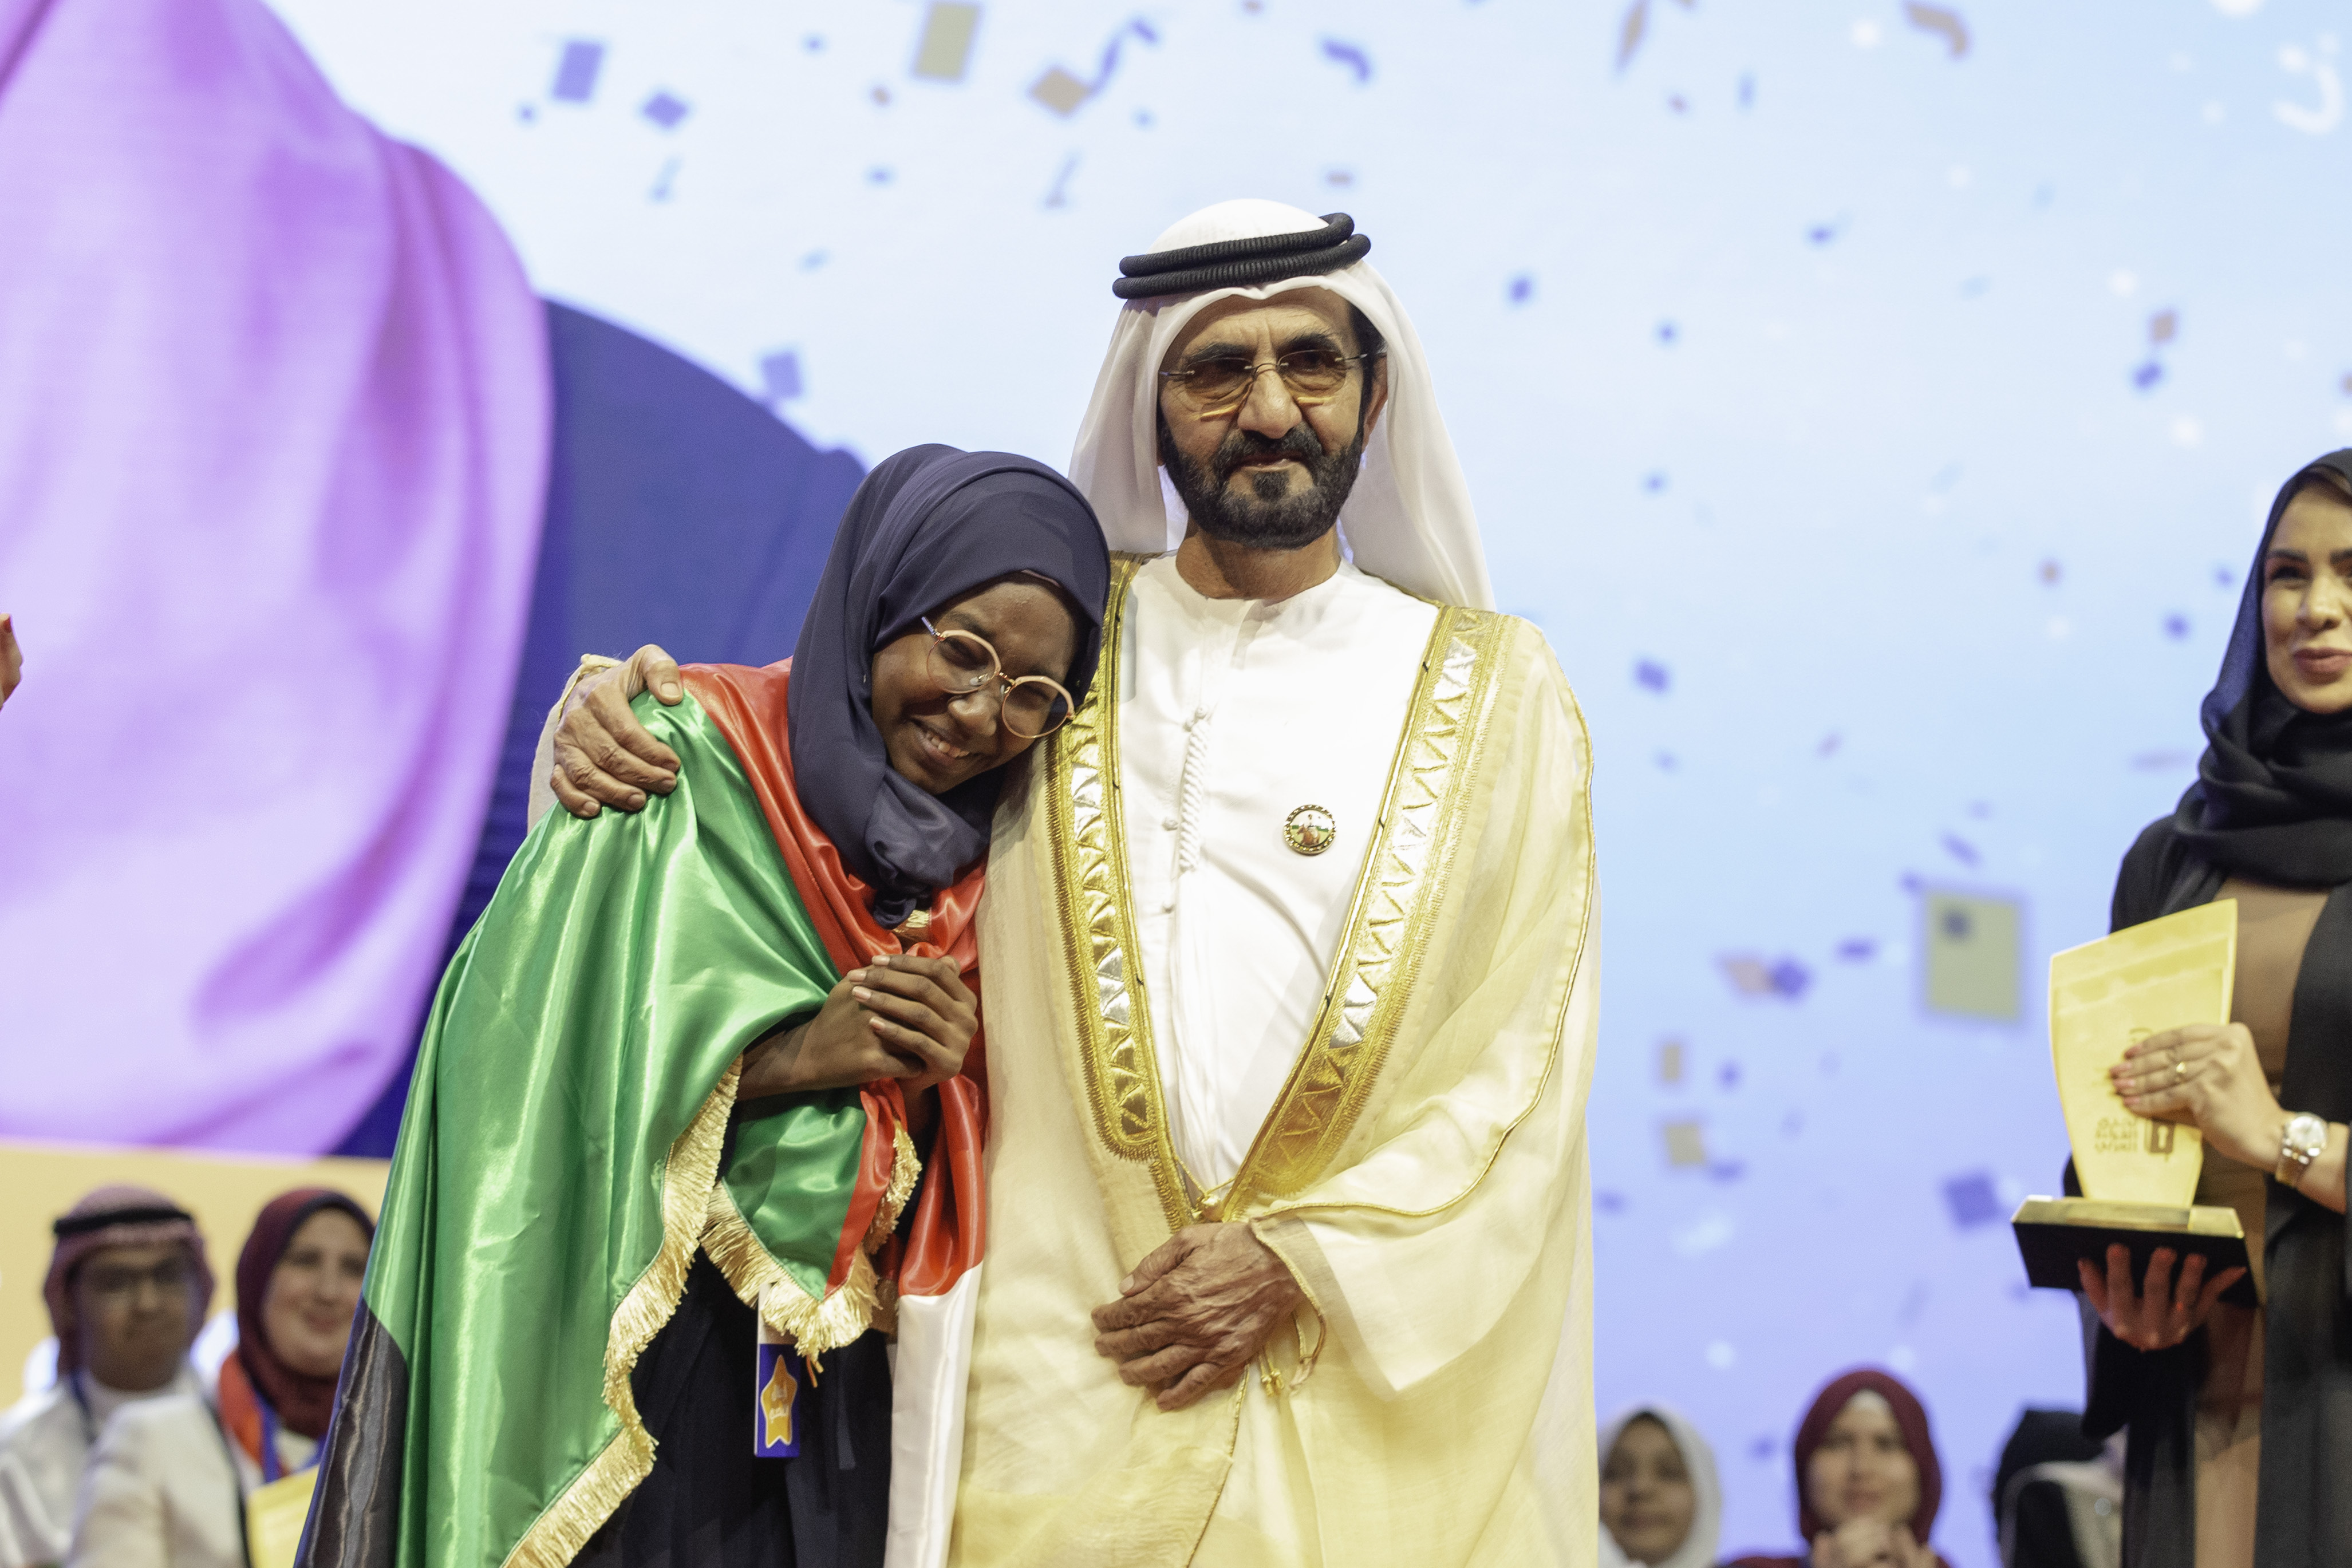 هديل أنور من السودان بطلة تحدي القراءة العربي لعام 2019 راديو الآن